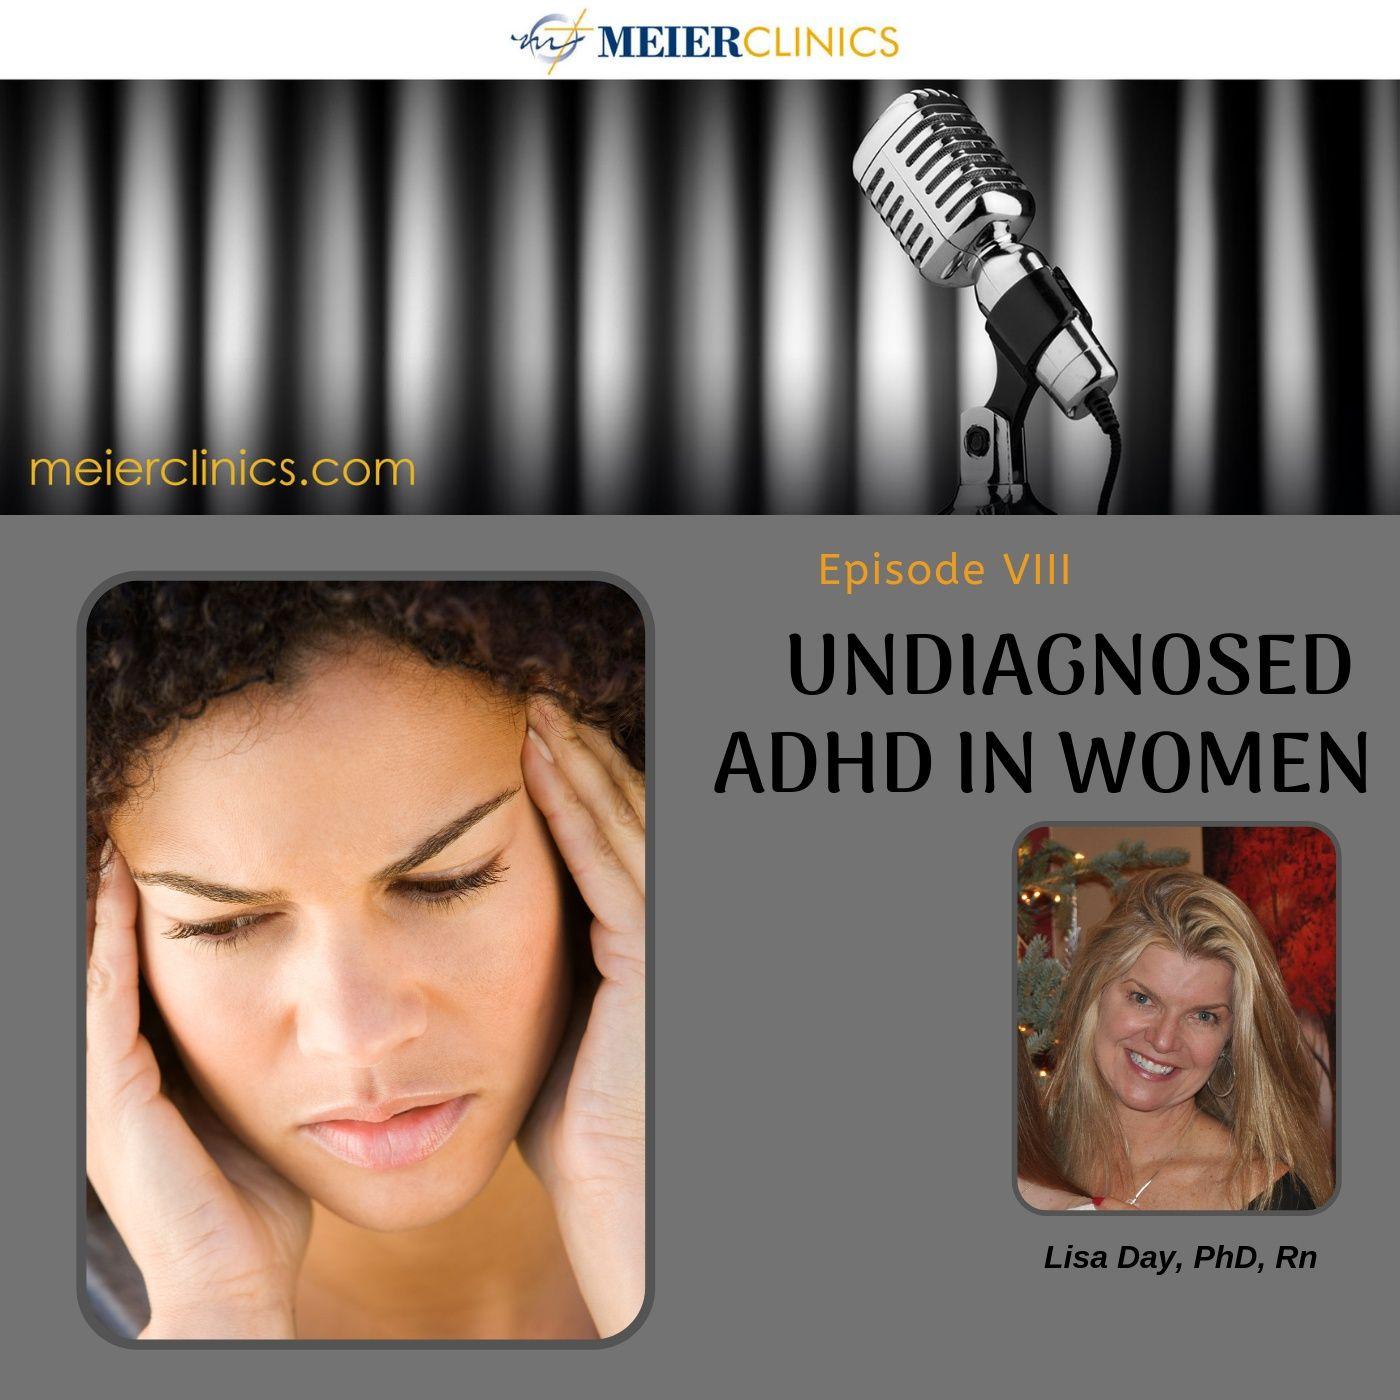 Undiagnosed ADHD in Women